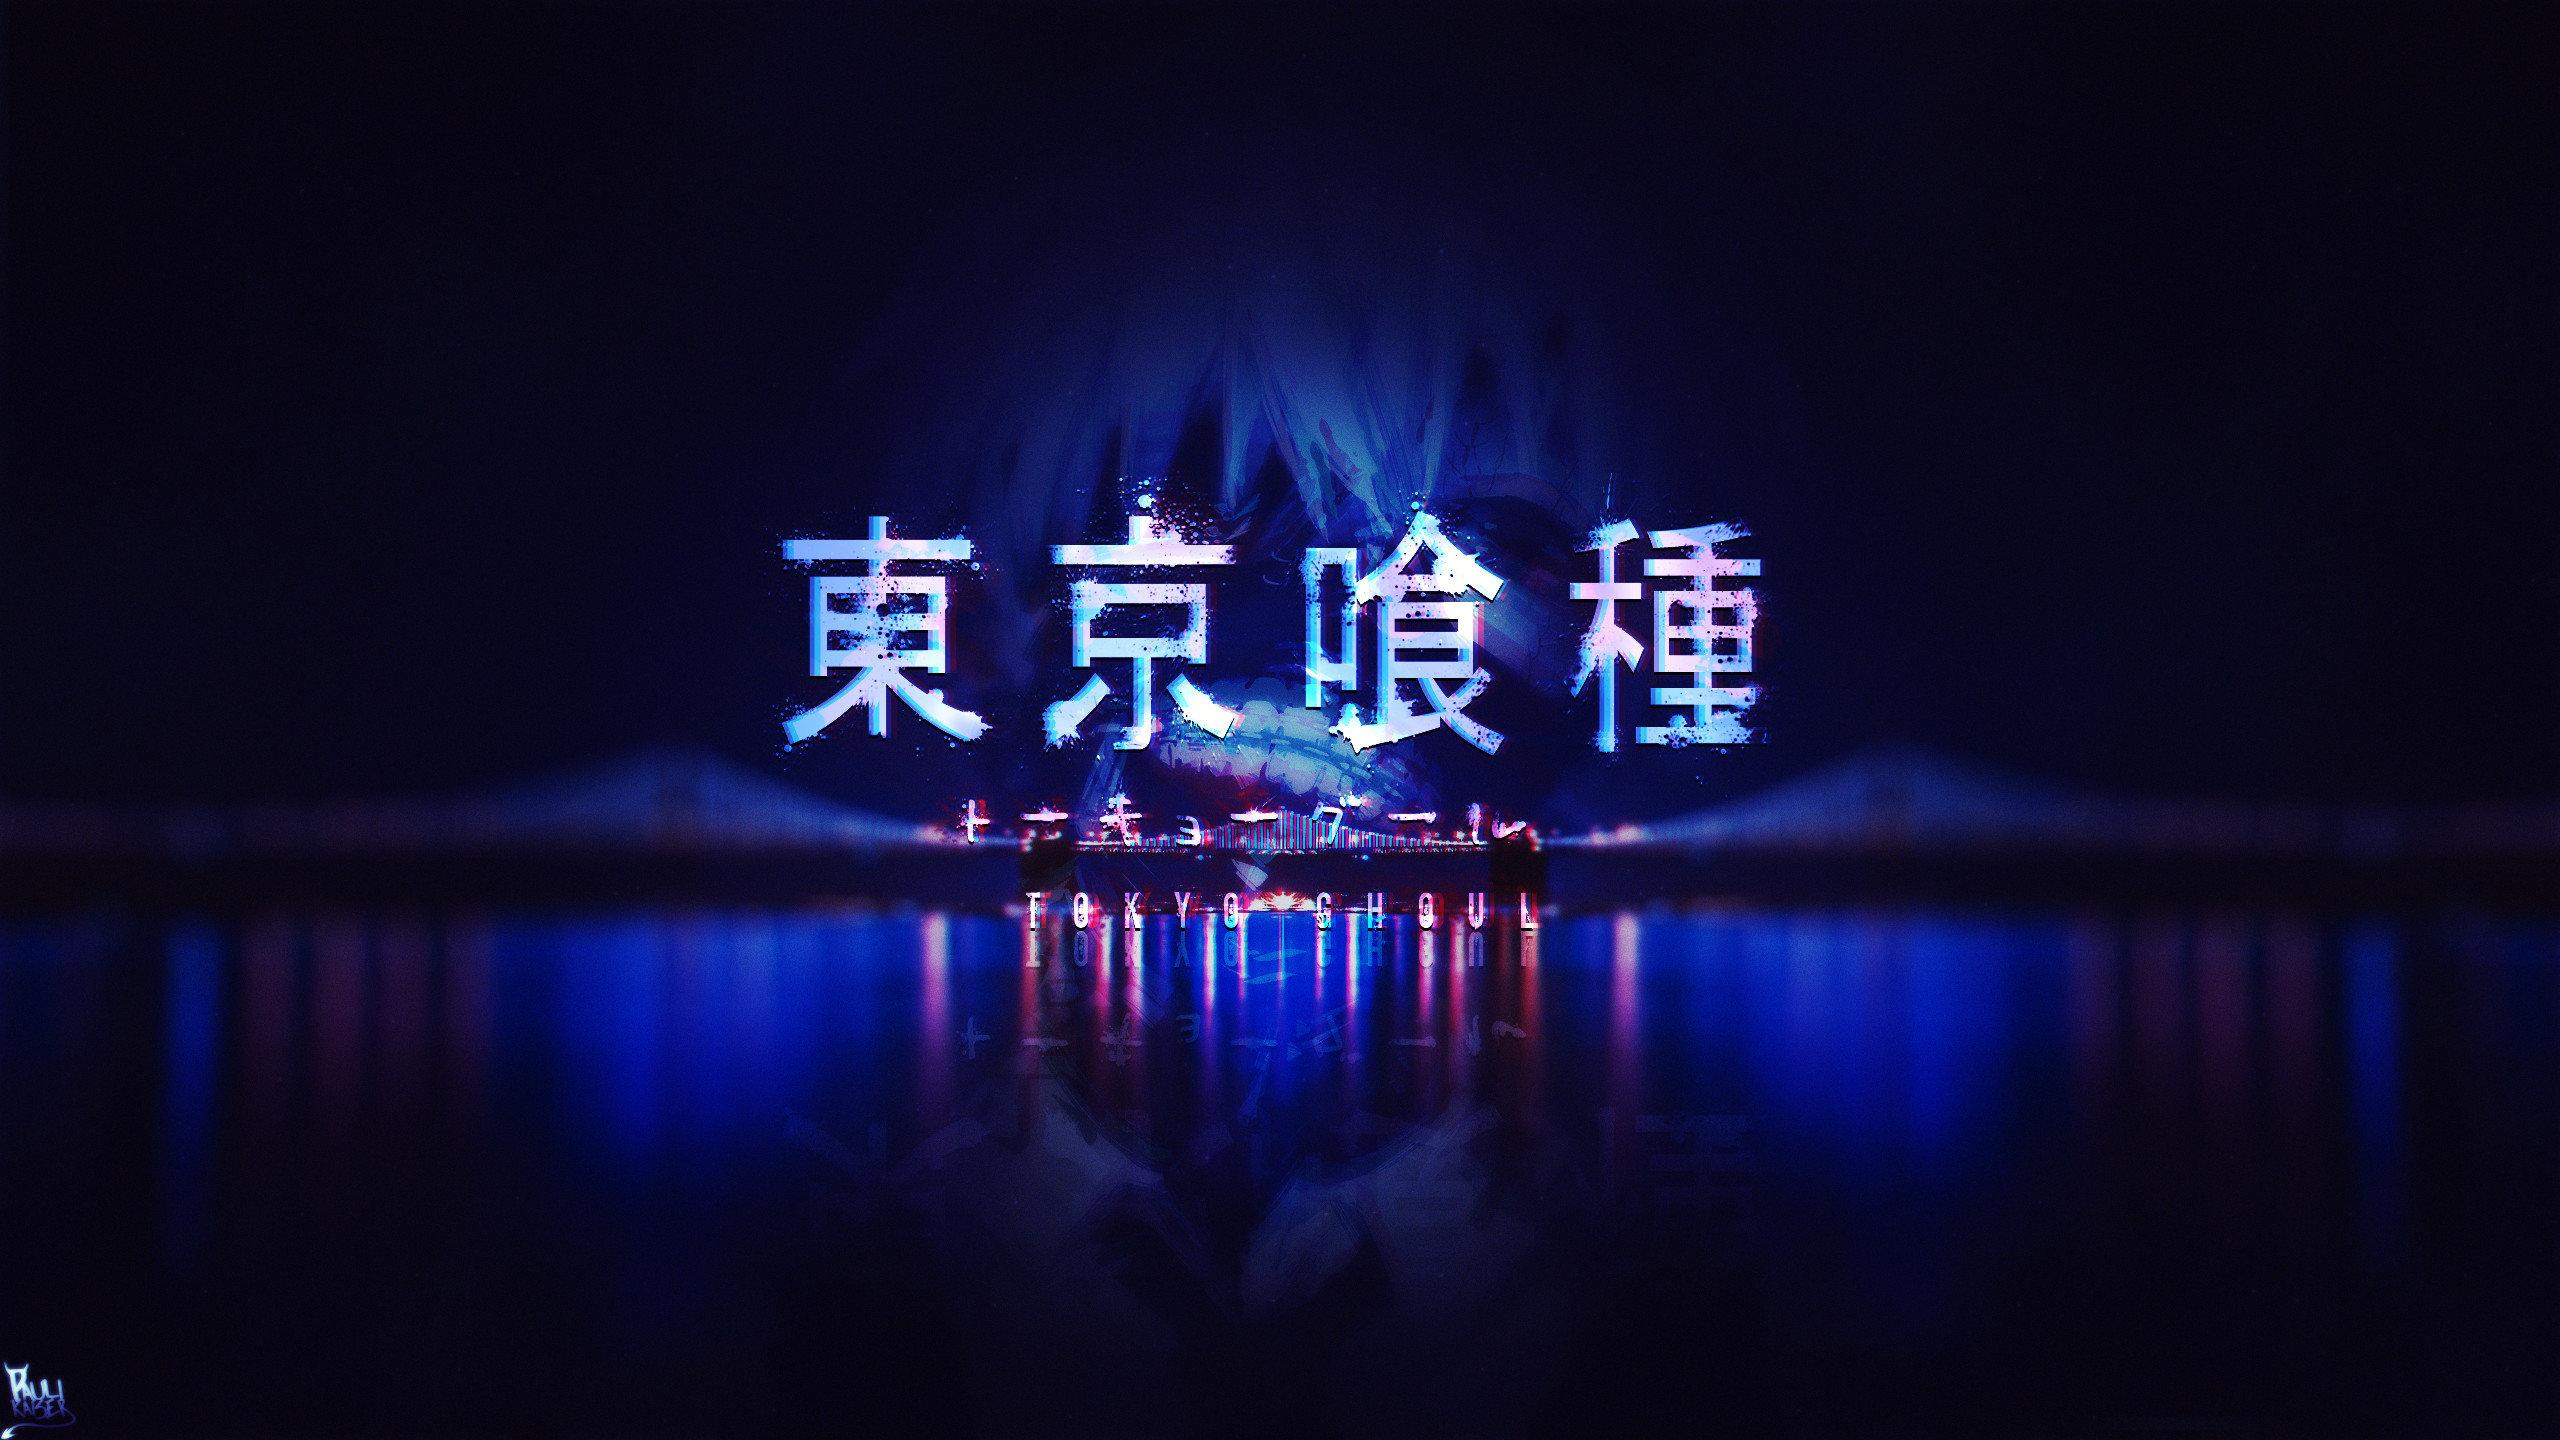 Tokyo Ghoul Wallpapers 2560x1440 Desktop Backgrounds